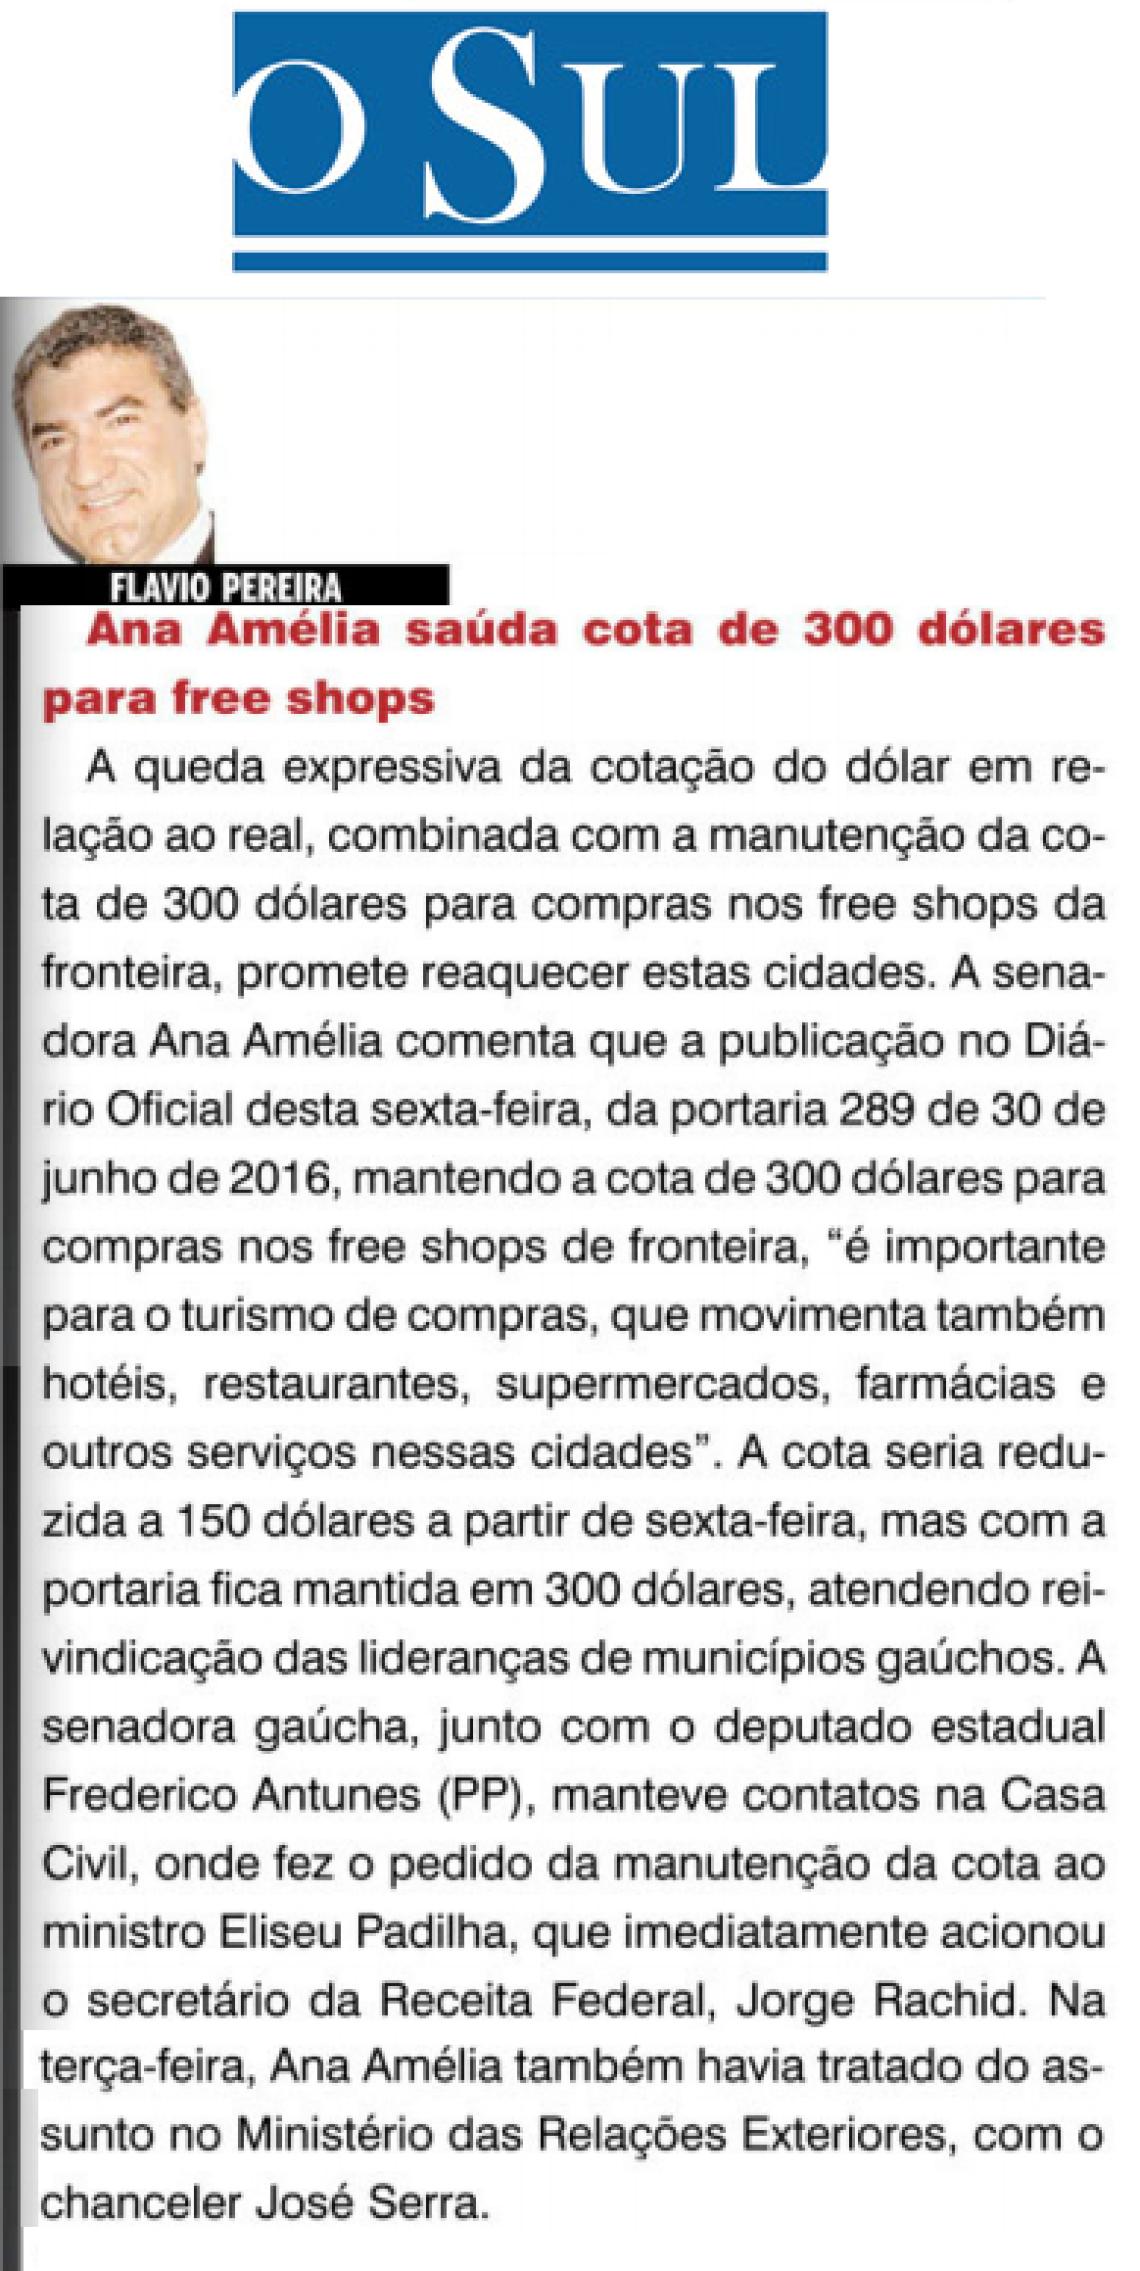 O Sul: Flavio Pereira - Ana Amélia saúda cota de 300 dólares para free shops